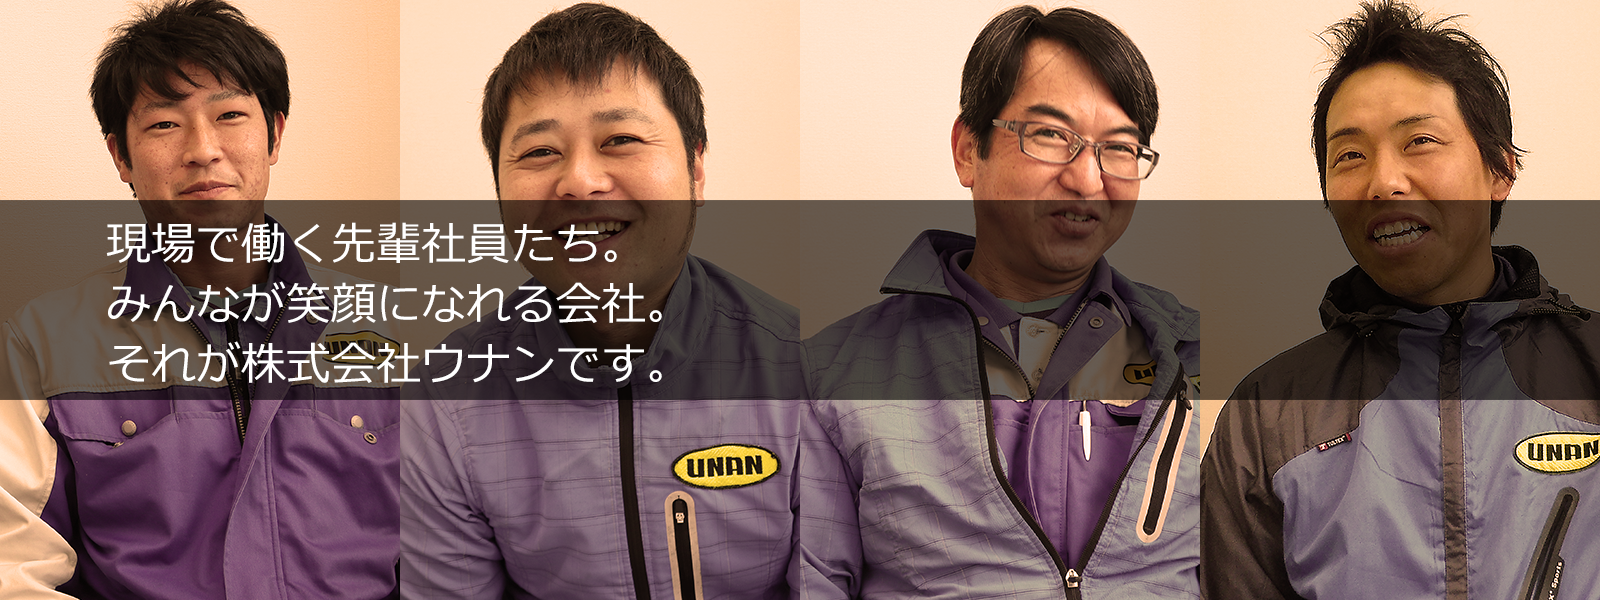 現場で働く先輩社員たち。 みんなが笑顔になれる会社。 それが株式会社ウナンです。